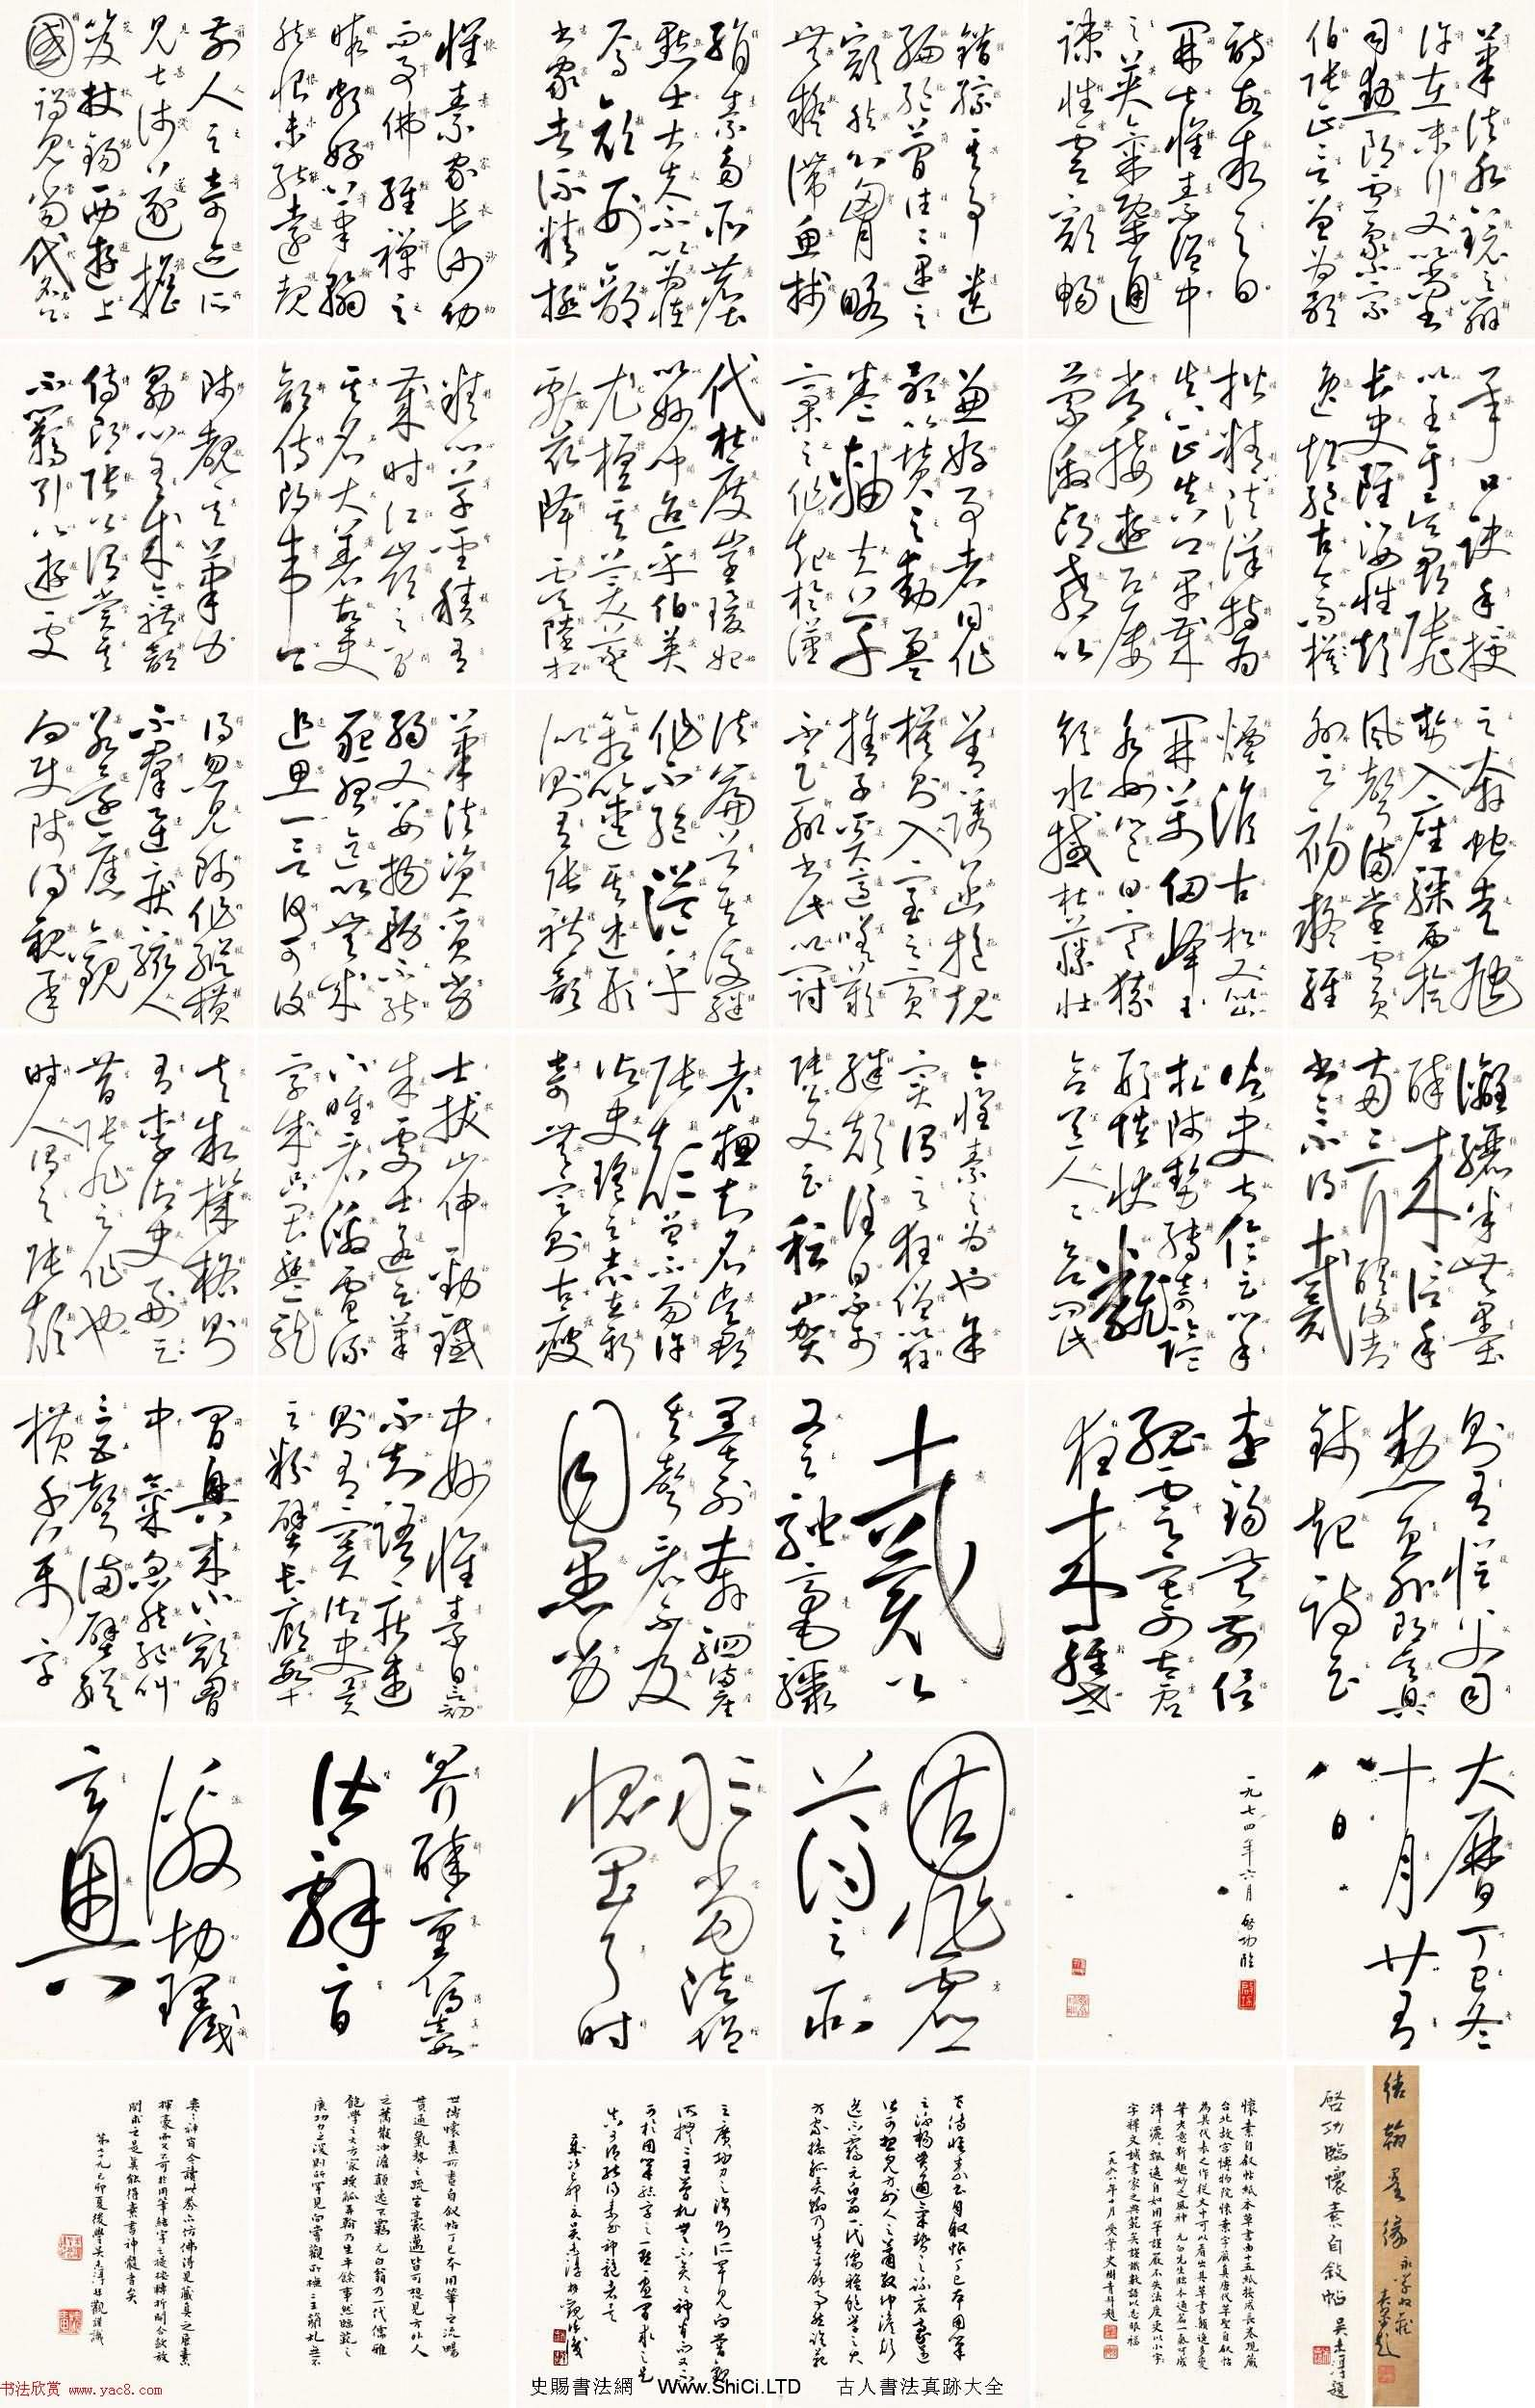 啟功草書臨唐懷素自敘帖(共54張圖片)